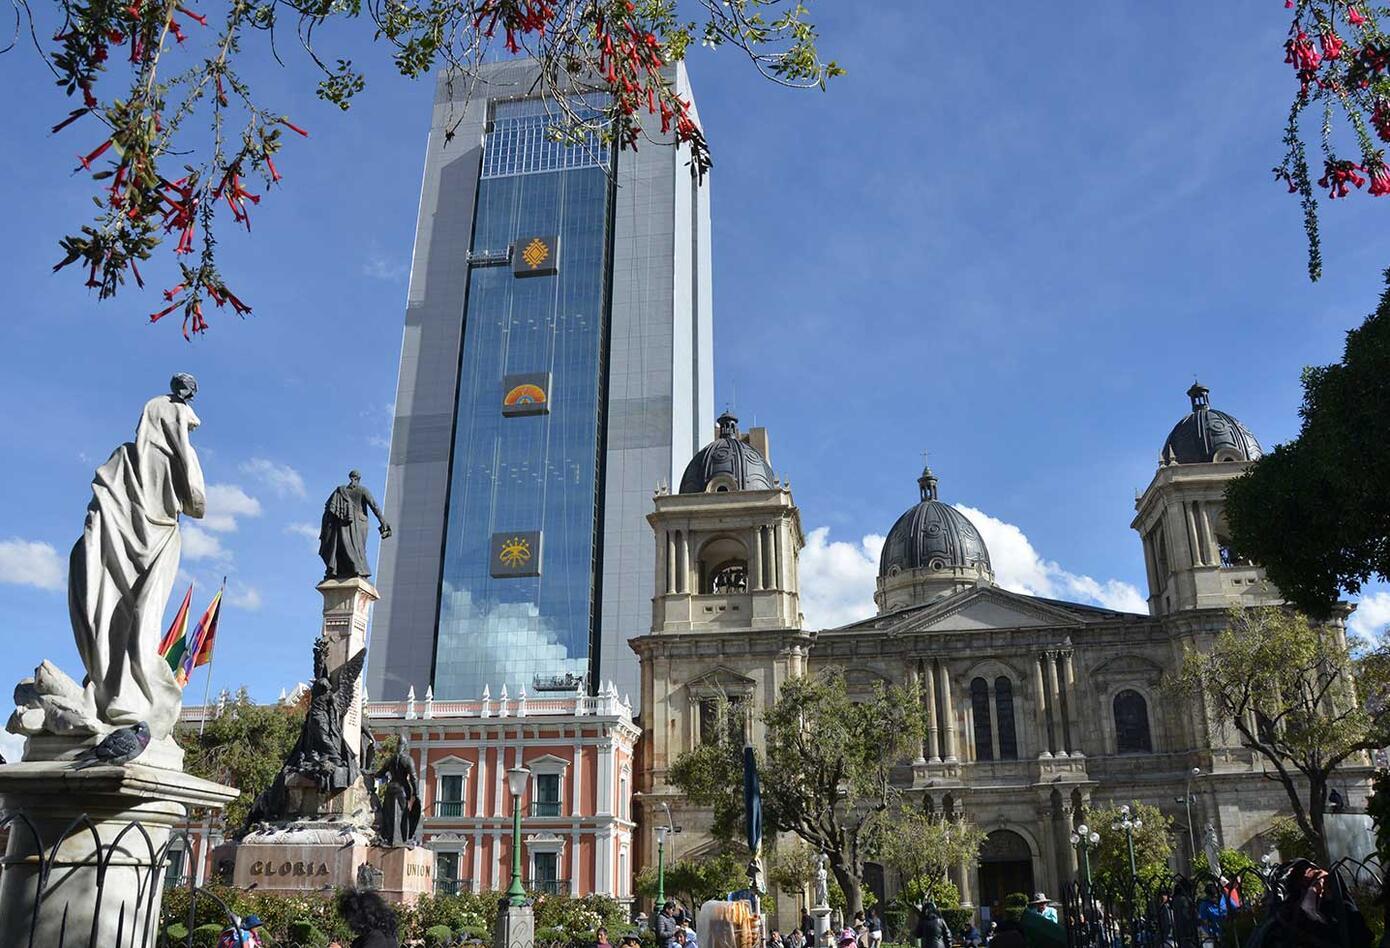 Lujos del nuevo nuevo edificio de gobierno de Bolivia crean polémica